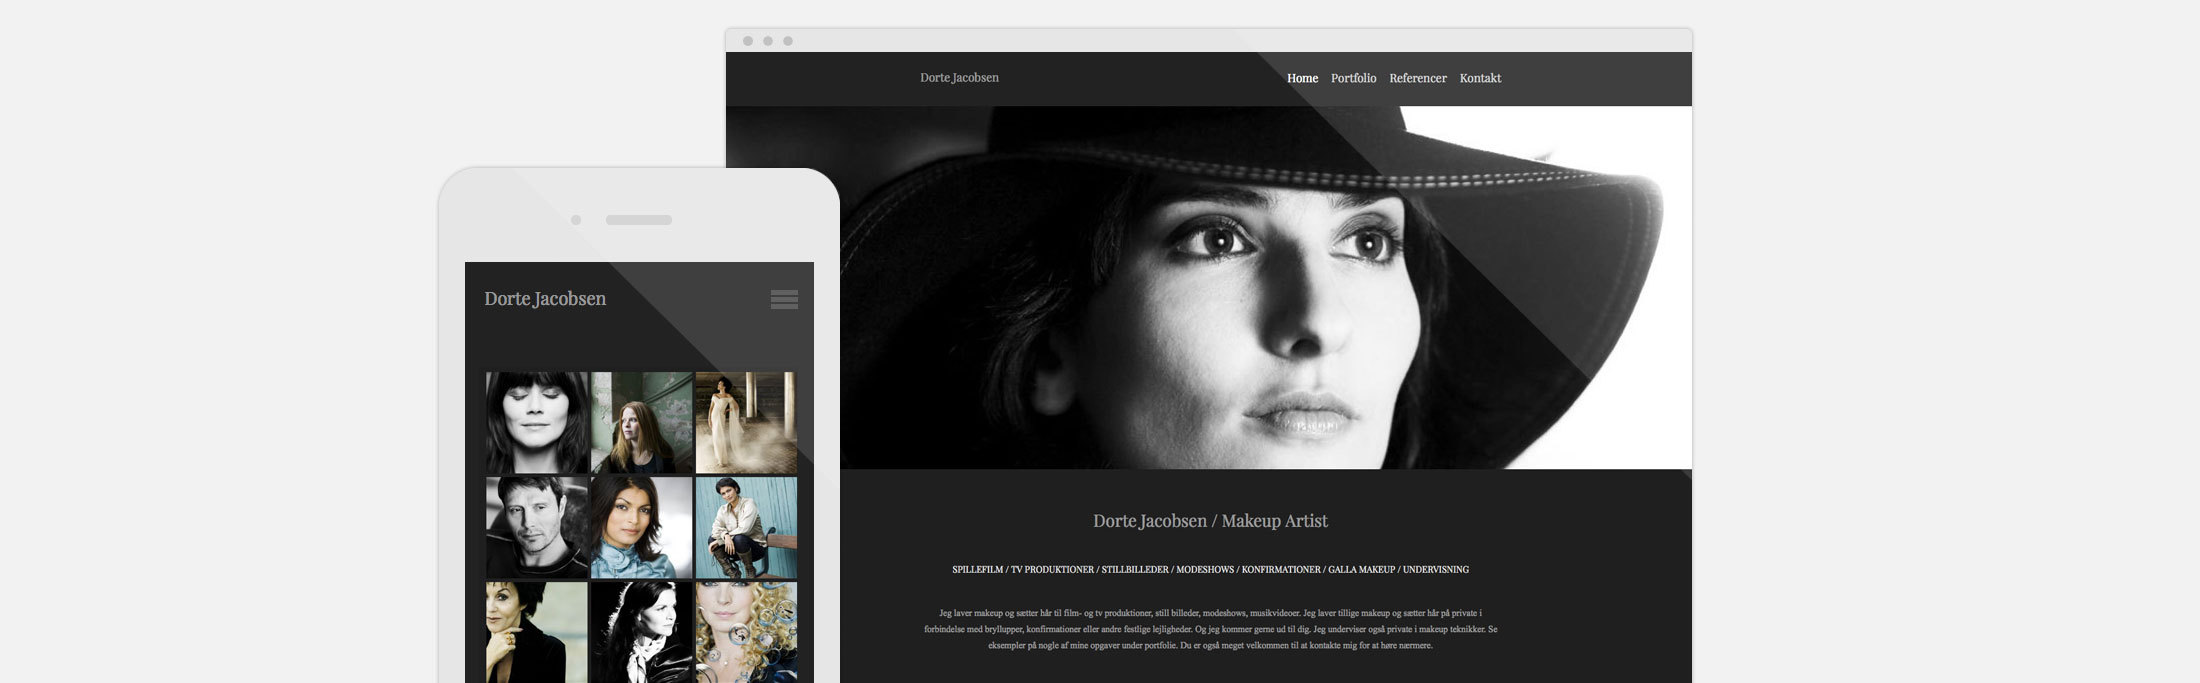 Lav din egen hjemmeside med Mono | mono.net